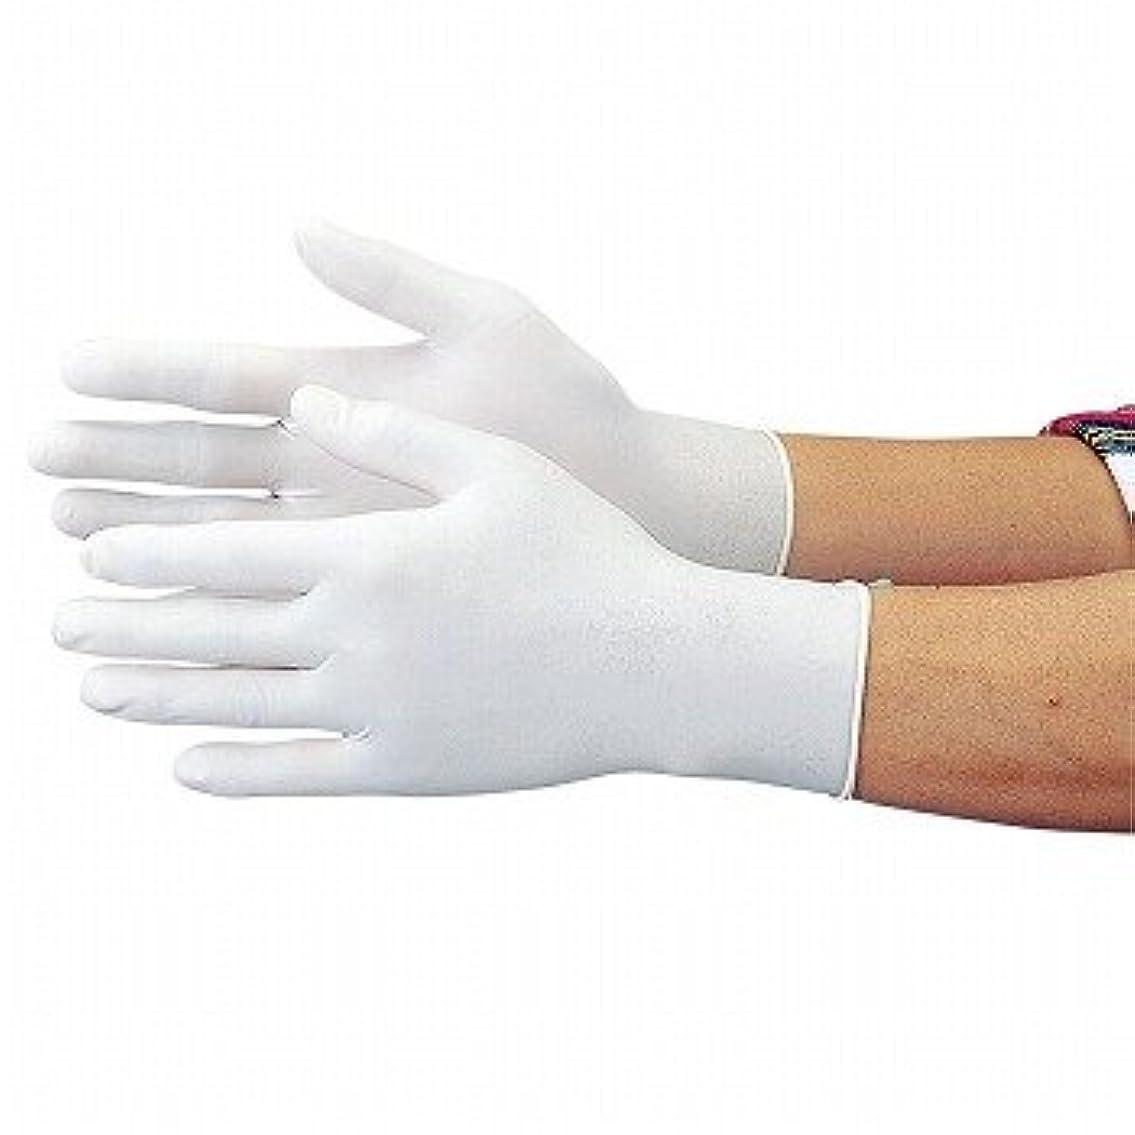 縞模様の気づく生おたふく手袋/使い捨て ゴム極ウス手袋 [100枚入]/品番:343 サイズ:M